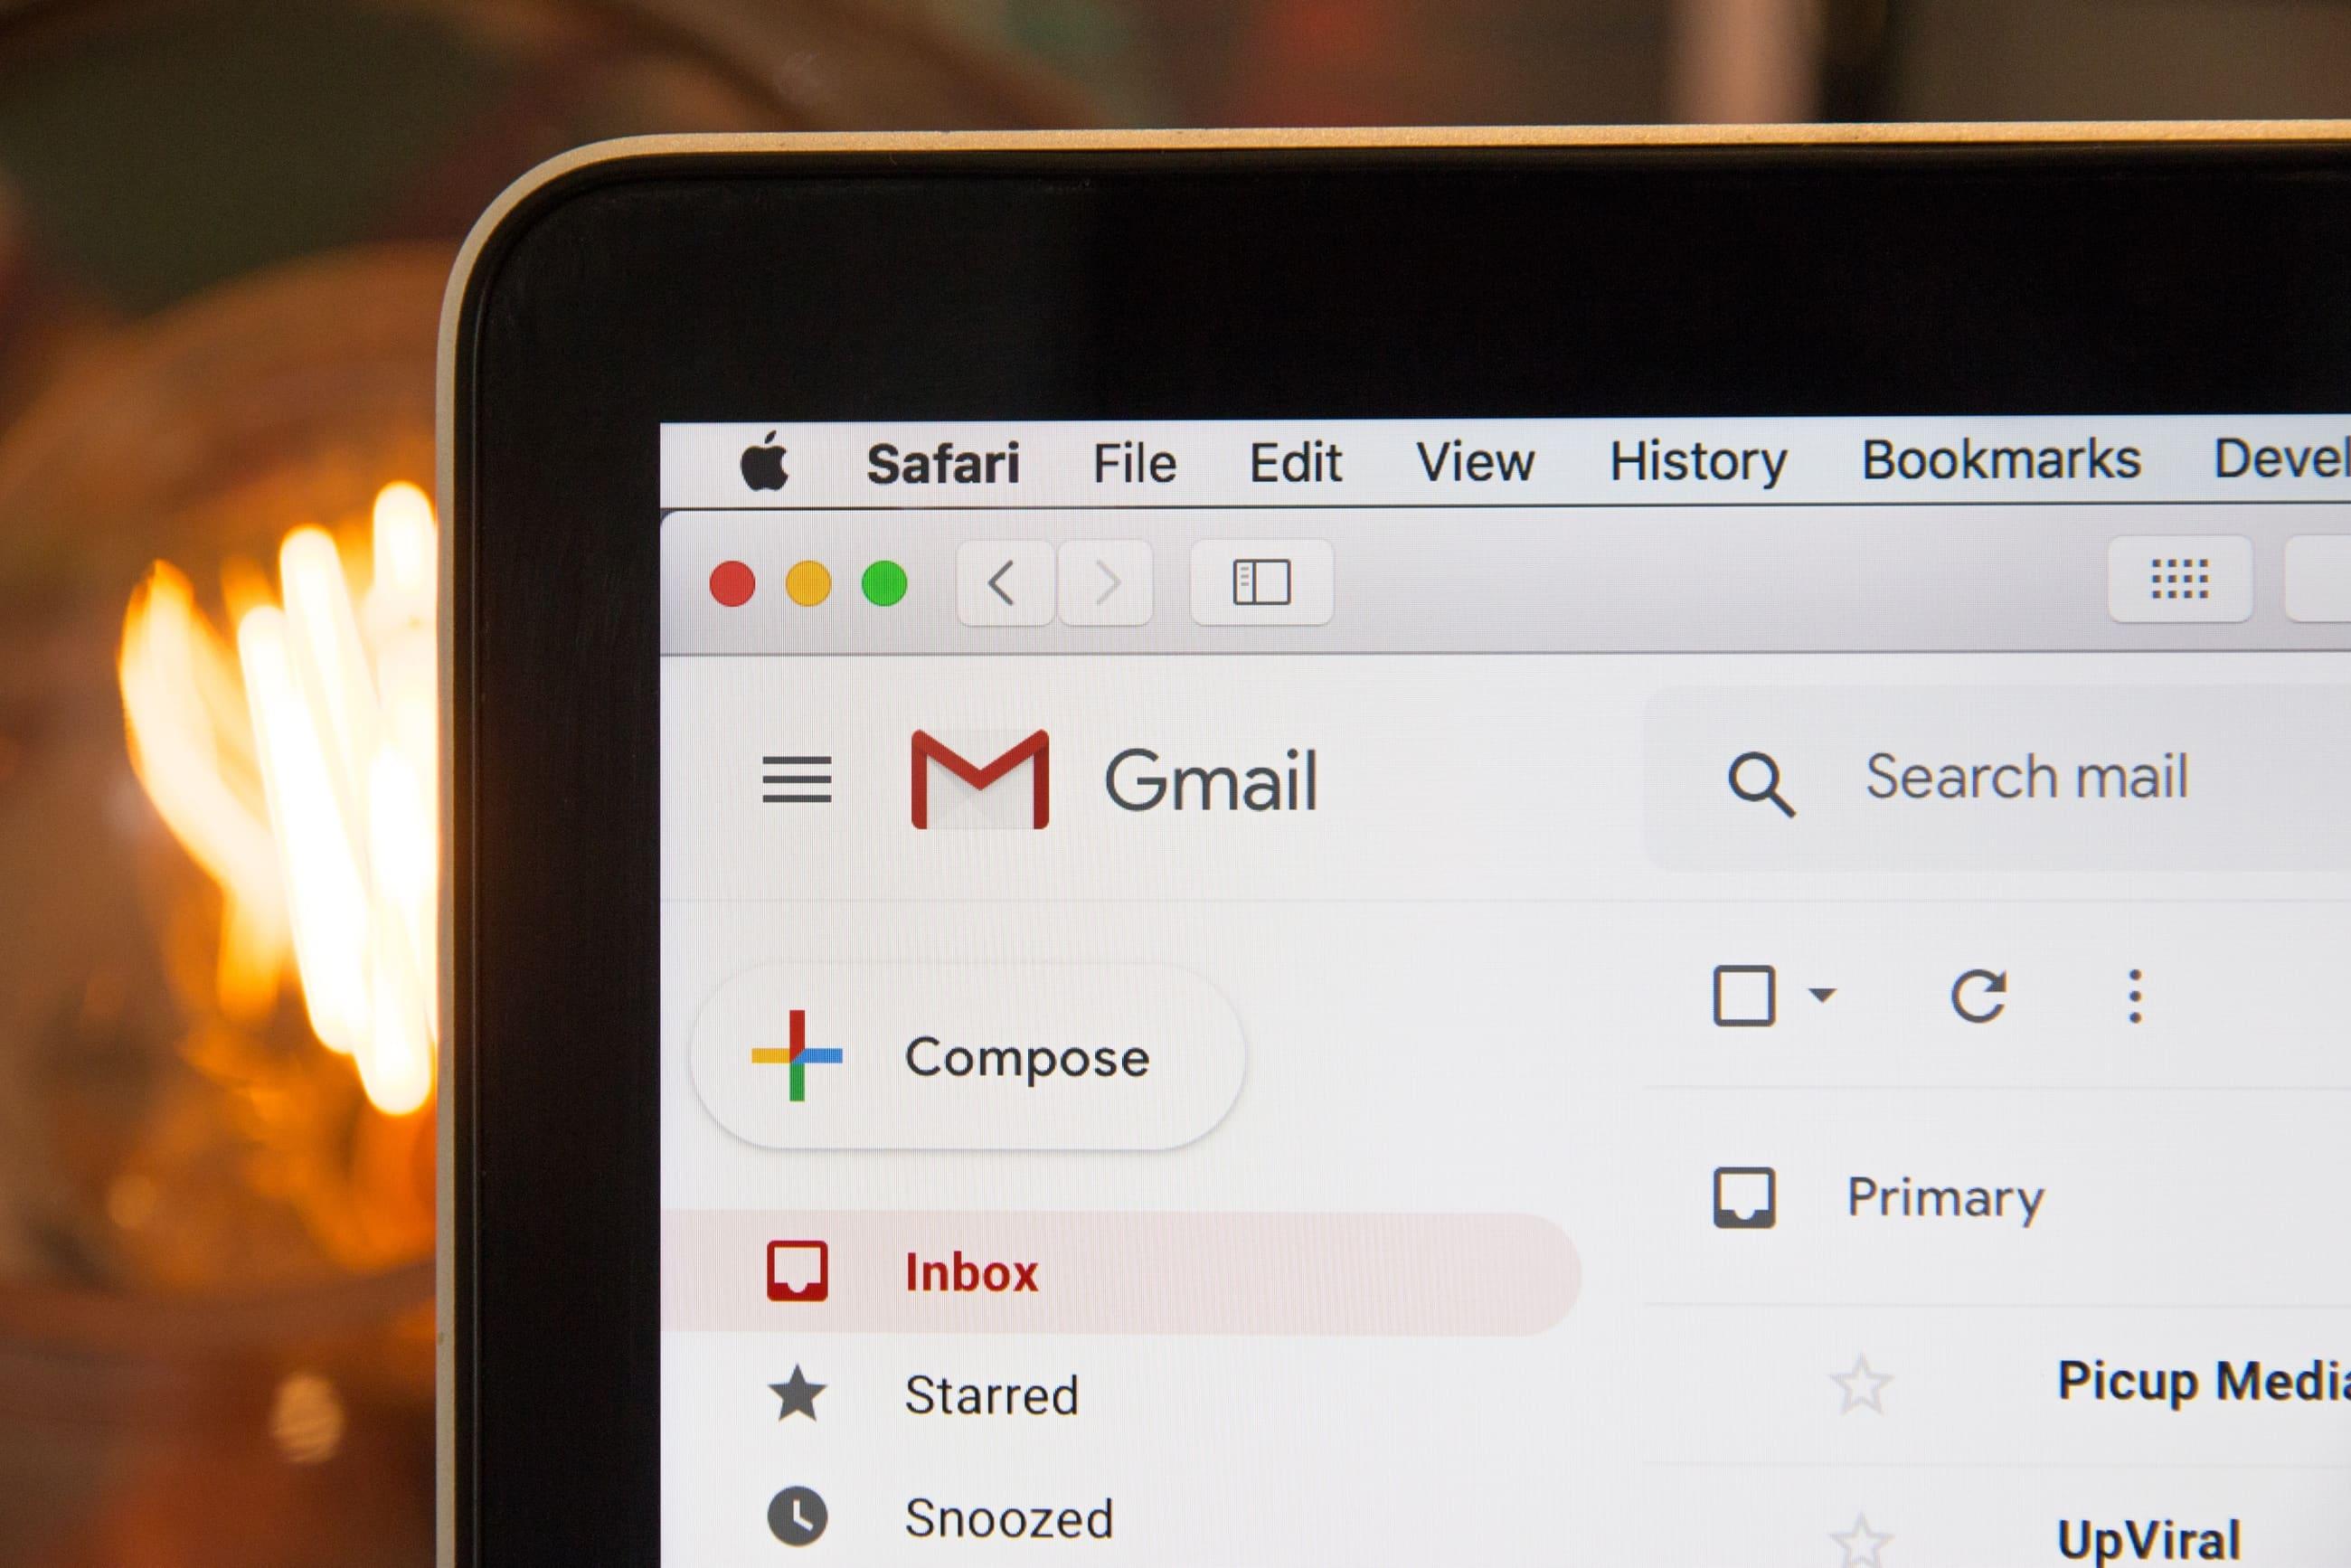 Warum landen meine E-Mails im Spam?